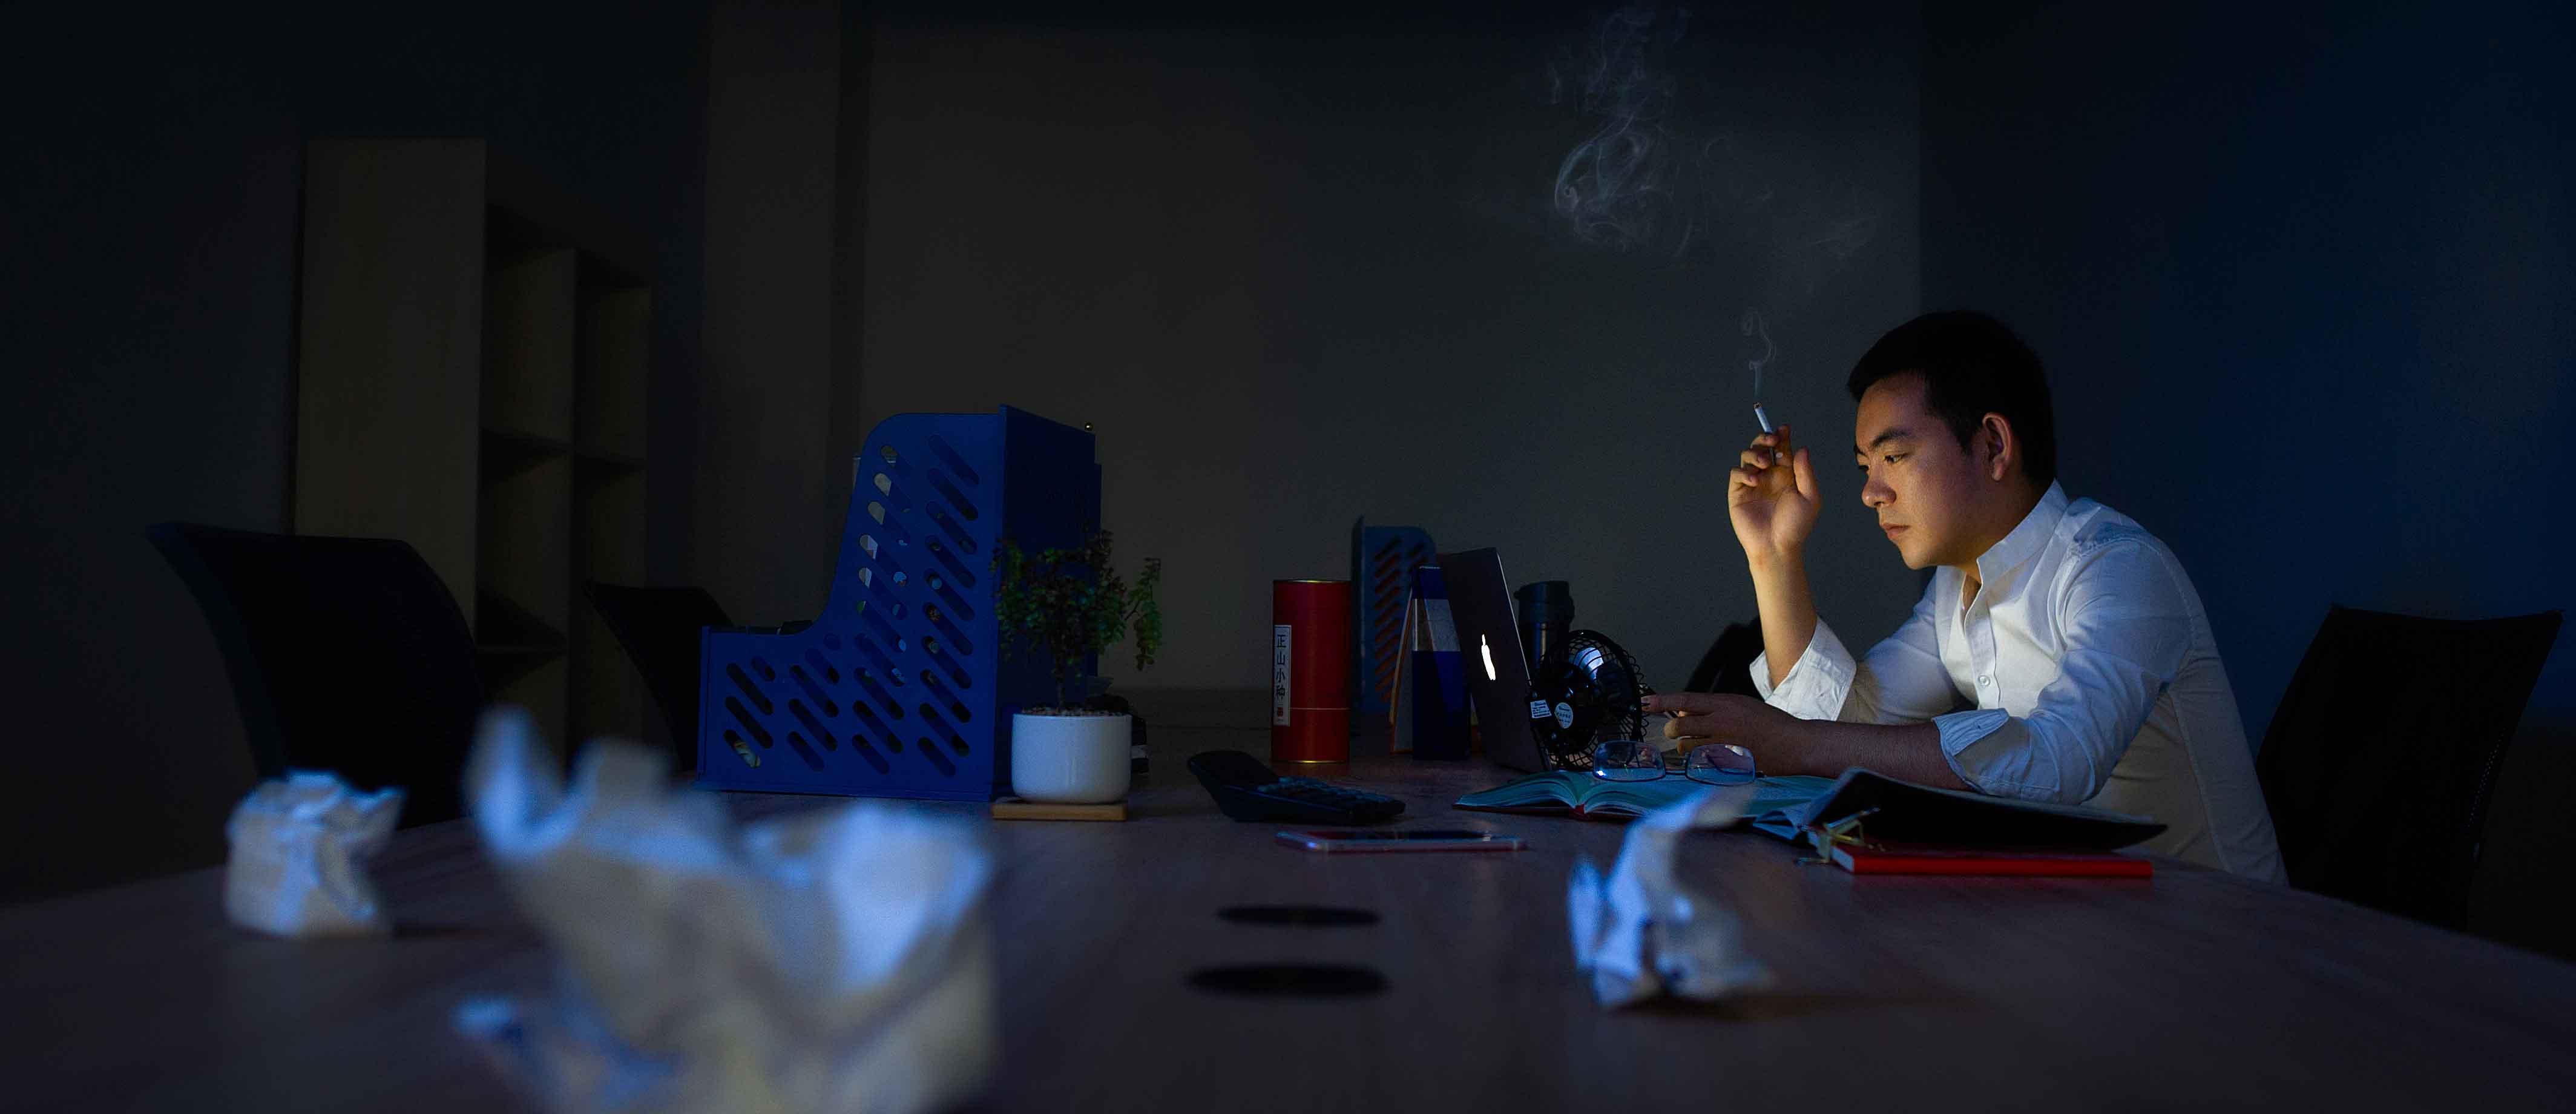 张玮,四川大凉山人,北漂创业2年,从未见过下午6点的北京。